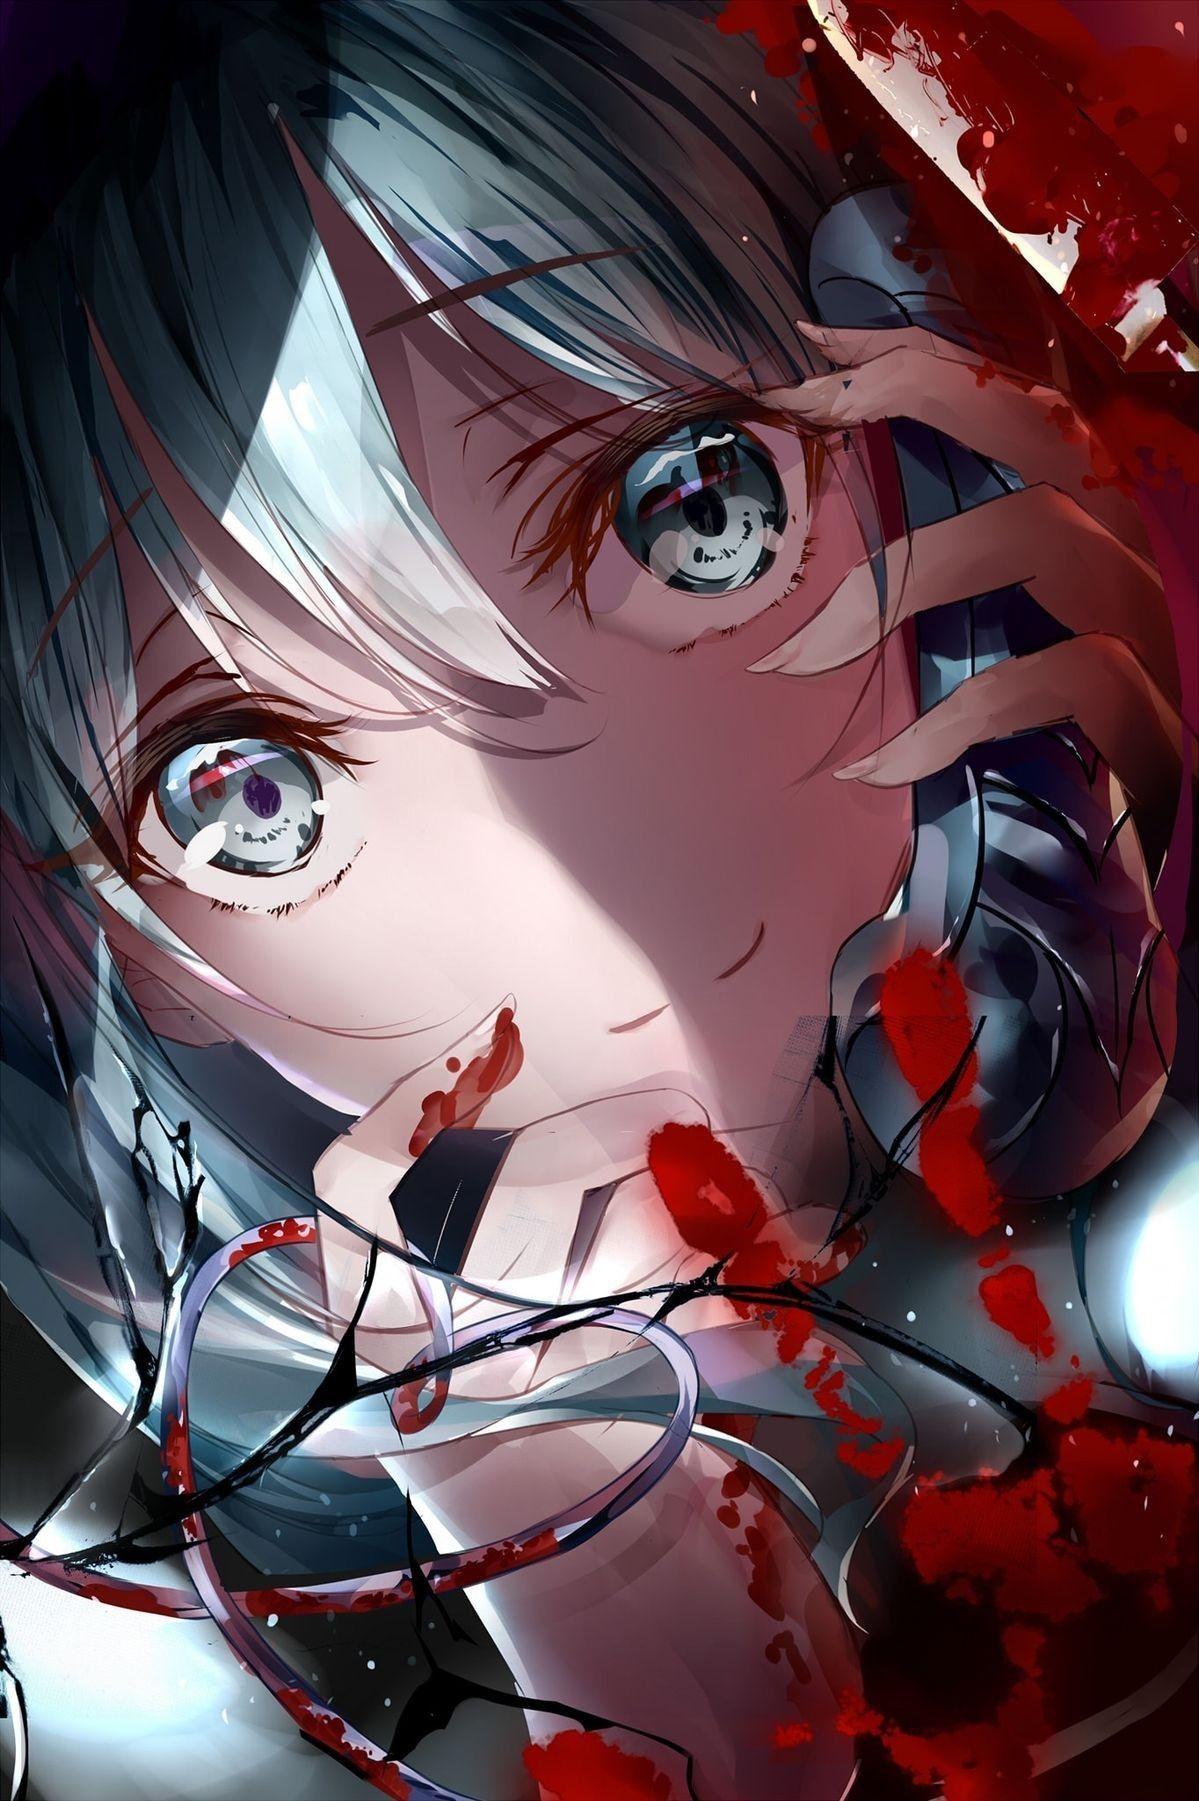 Hinataa_samaa adlı kullanıcının Anime karakterler